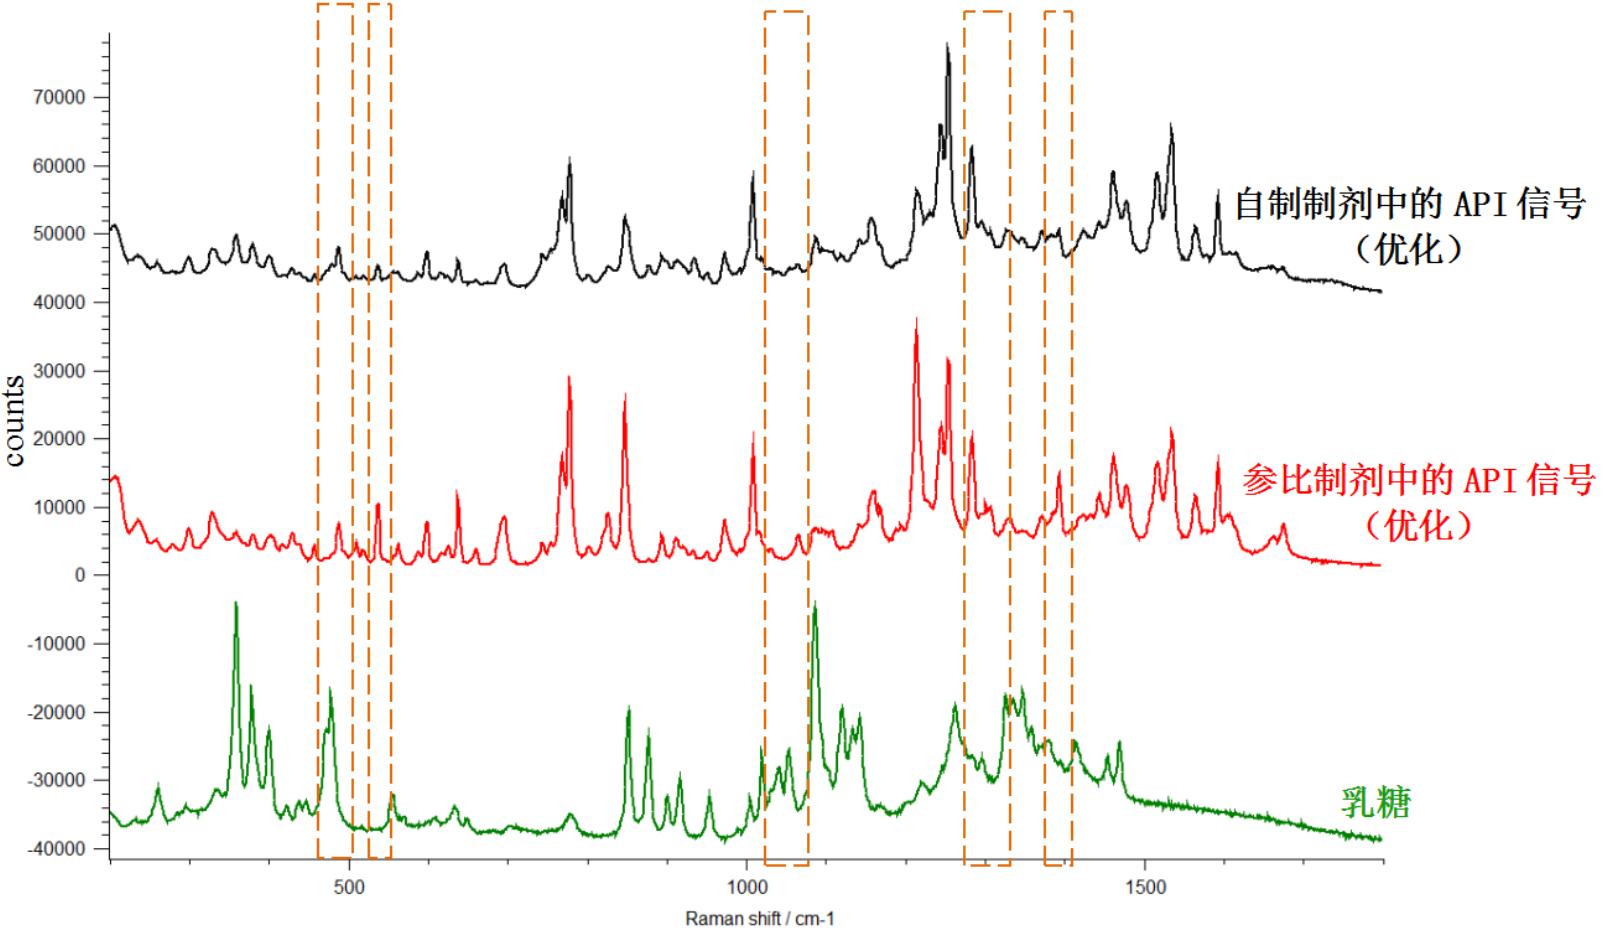 拉曼光谱在固体制剂晶型鉴别中的应用